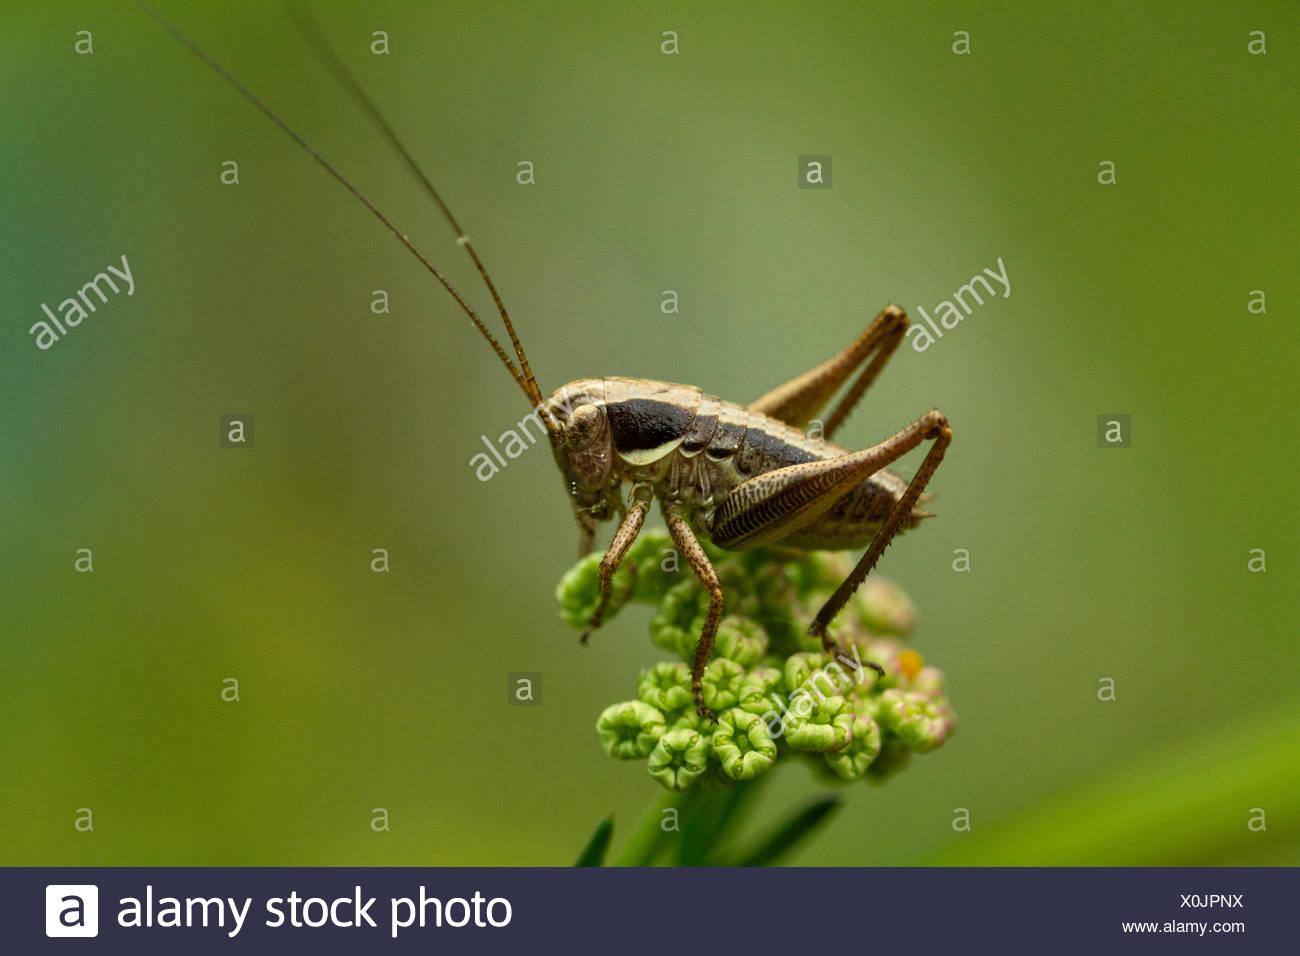 Eine Heuschrecke, Gomphocerinae, ruht auf einer Anlage. Stockbild